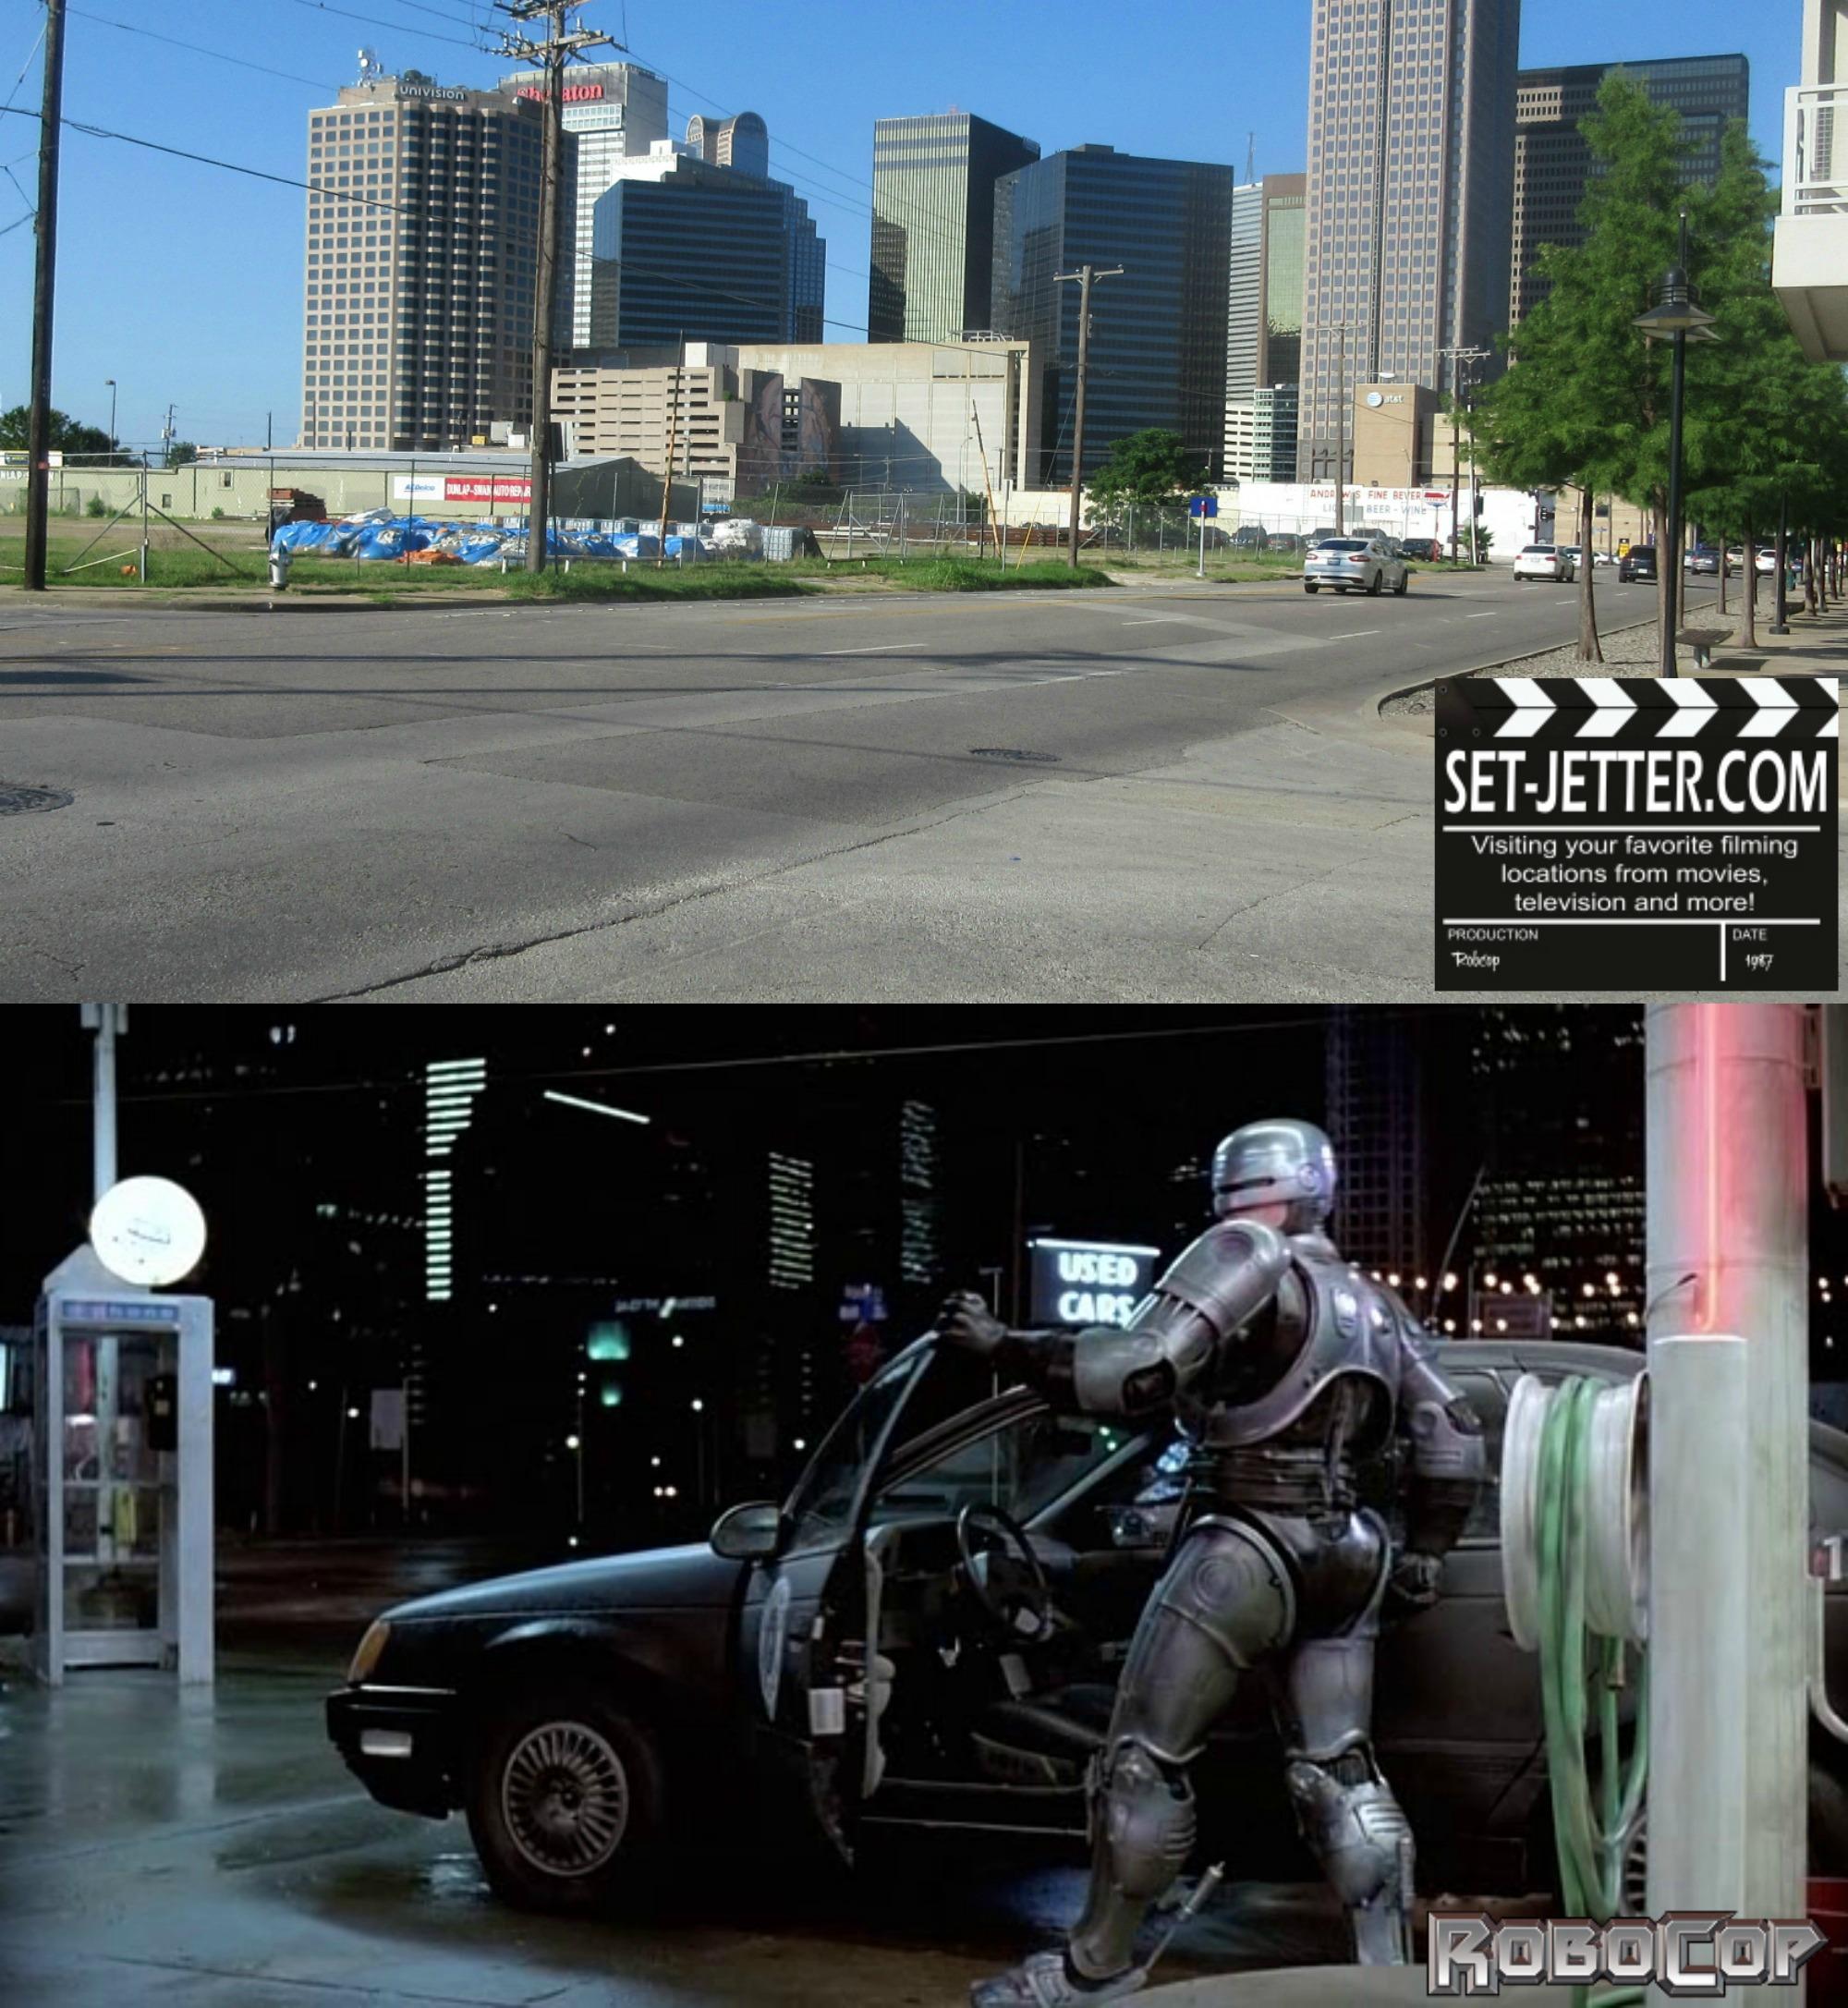 Robocop comparison 98.jpg